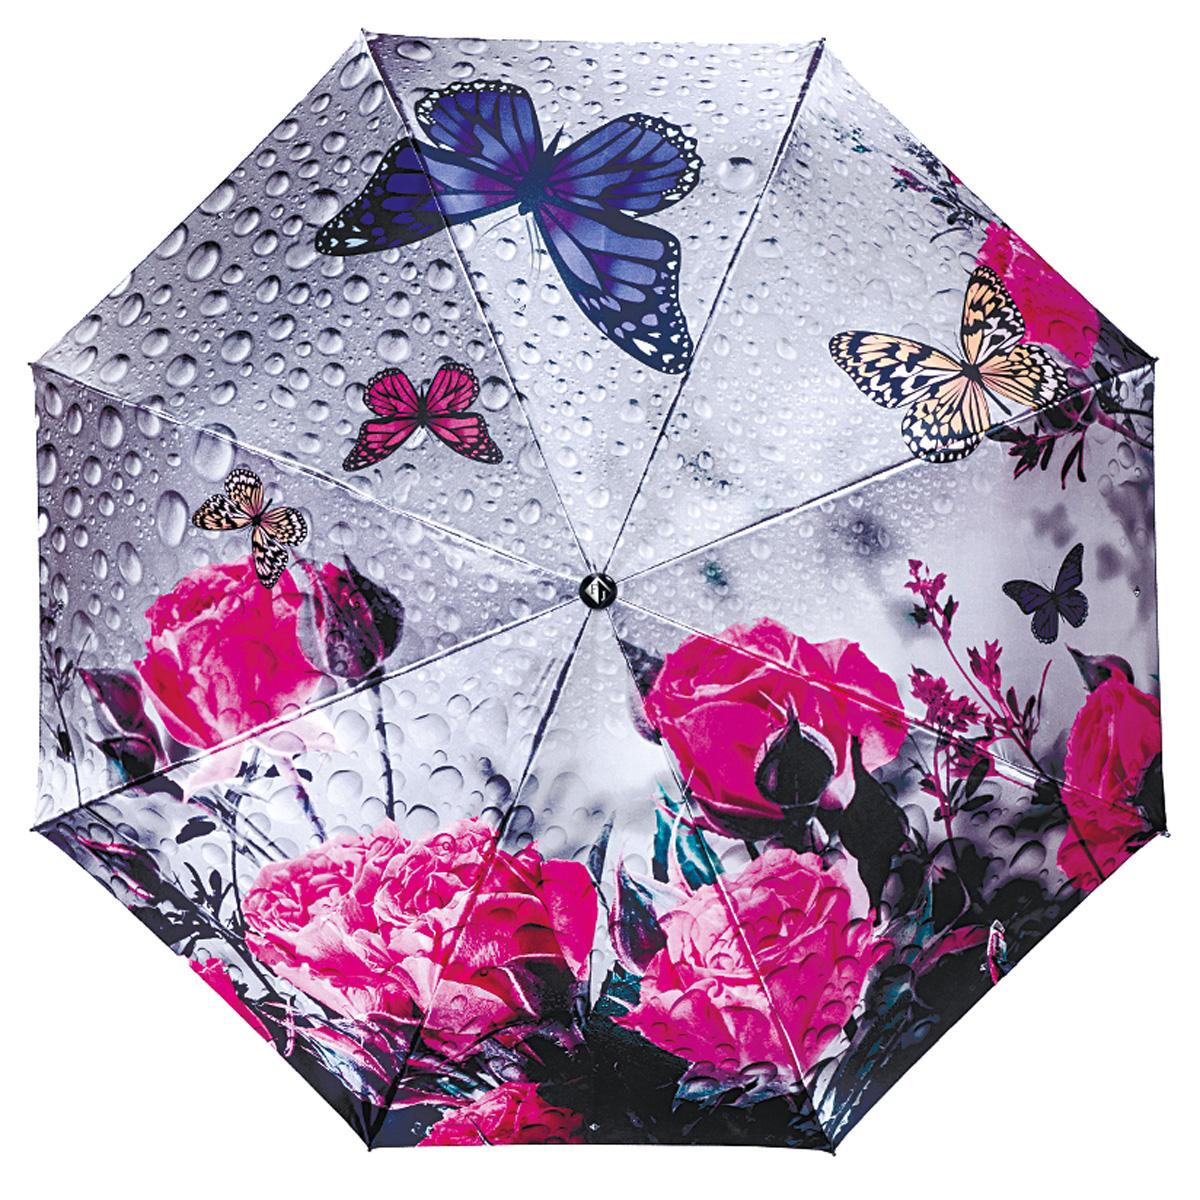 """Зонт женский Flioraj Пробуждение, автомат, 3 сложения, серый, розовый231205 FJПрелестный автоматический зонт Flioraj Пробуждение в 3 сложения отлично подойдет для ненастной погоды. """"Ветростойкий"""" каркас зонта, изготовленный из анодированной стали, состоит из восьми спиц и прочного стержня. Купол зонта с тефлоновой пропиткой выполнен из полиэстера и оформлен красочным изображением цветов и бабочек. Модель оснащена рукояткой из пластика. Зонт имеет полный автоматический механизм сложения: купол открывается и закрывается нажатием кнопки на рукоятке, стержень складывается вручную до характерного щелчка. Благодаря этому открыть и закрыть зонт можно одной рукой, что чрезвычайно удобно при входе в транспорт или помещение. Небольшой шнурок, расположенный на рукоятке, позволяет надеть изделие на руку при необходимости. Модель закрывается при помощи хлястика на кнопке. Такой зонт не только надежно защитит вас от дождя, но и станет стильным аксессуаром, который идеально подчеркнет ваш неповторимый образ."""